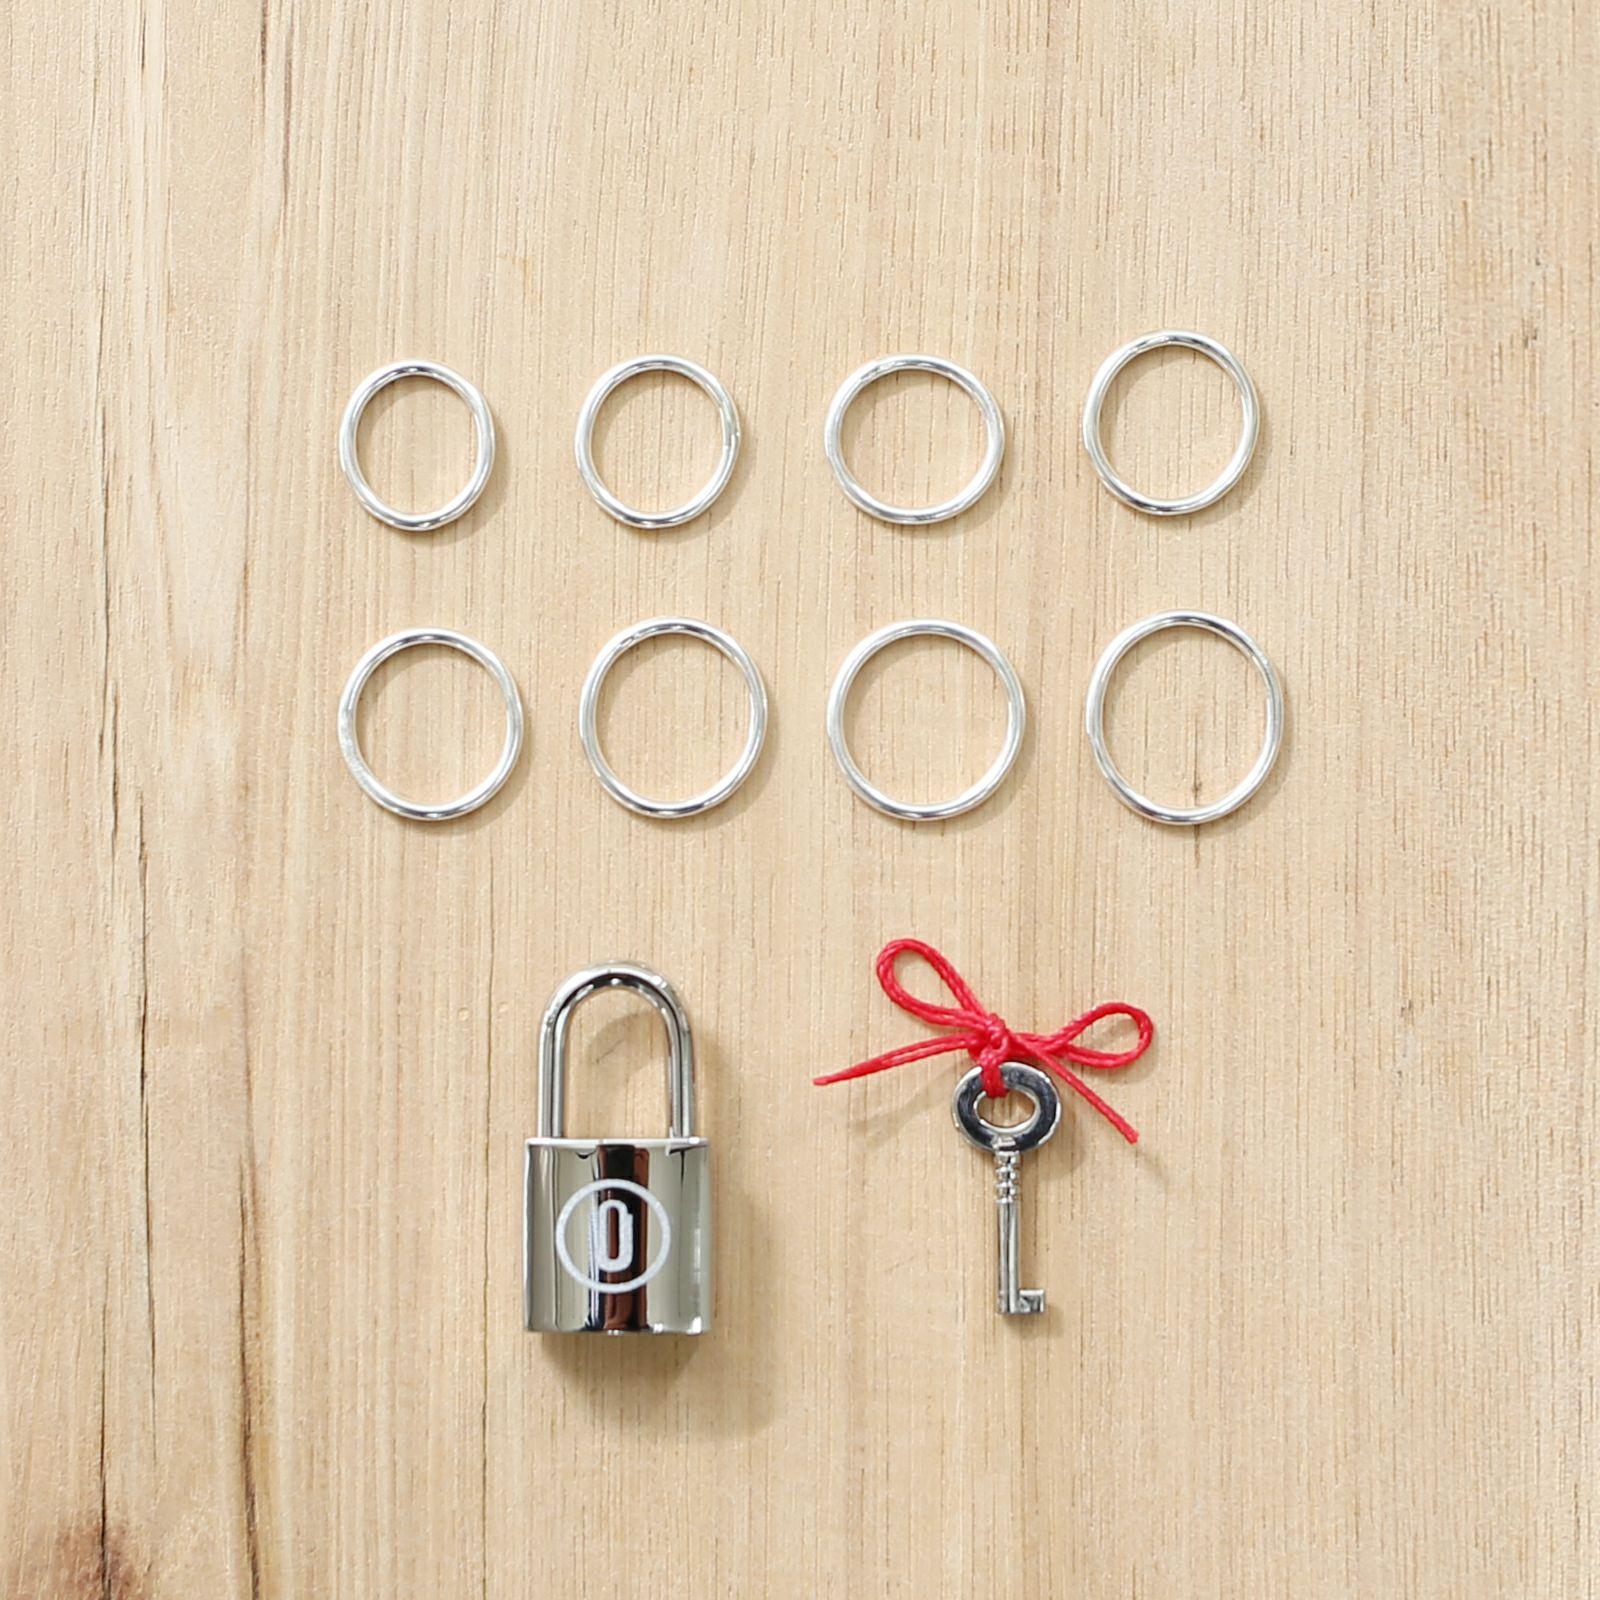 名もなき指輪キット - NAMELESS RING KIT -シルバー925-